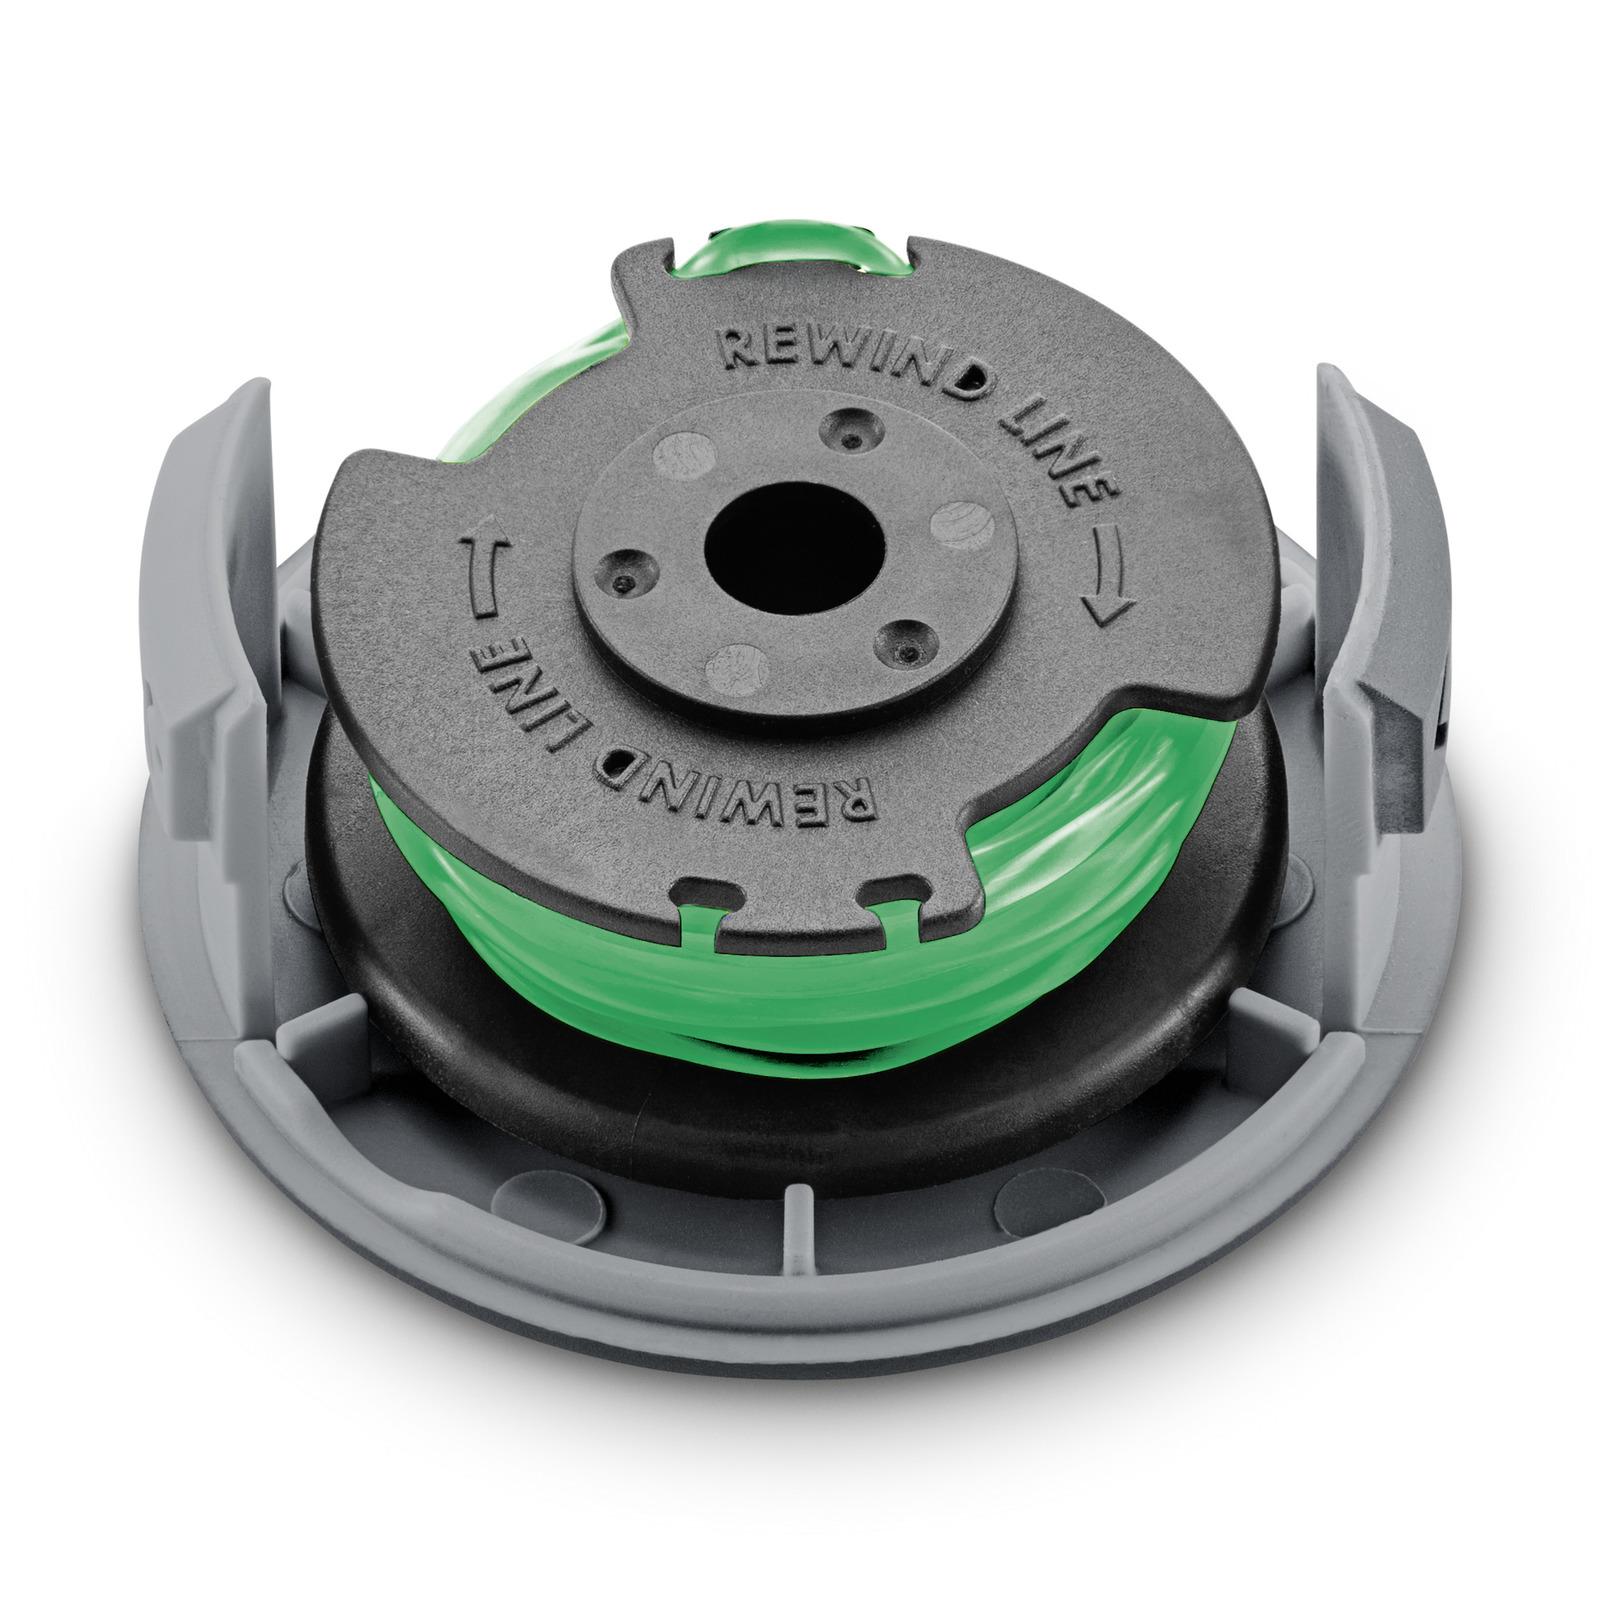 Fadenspule LTR 36 Battery